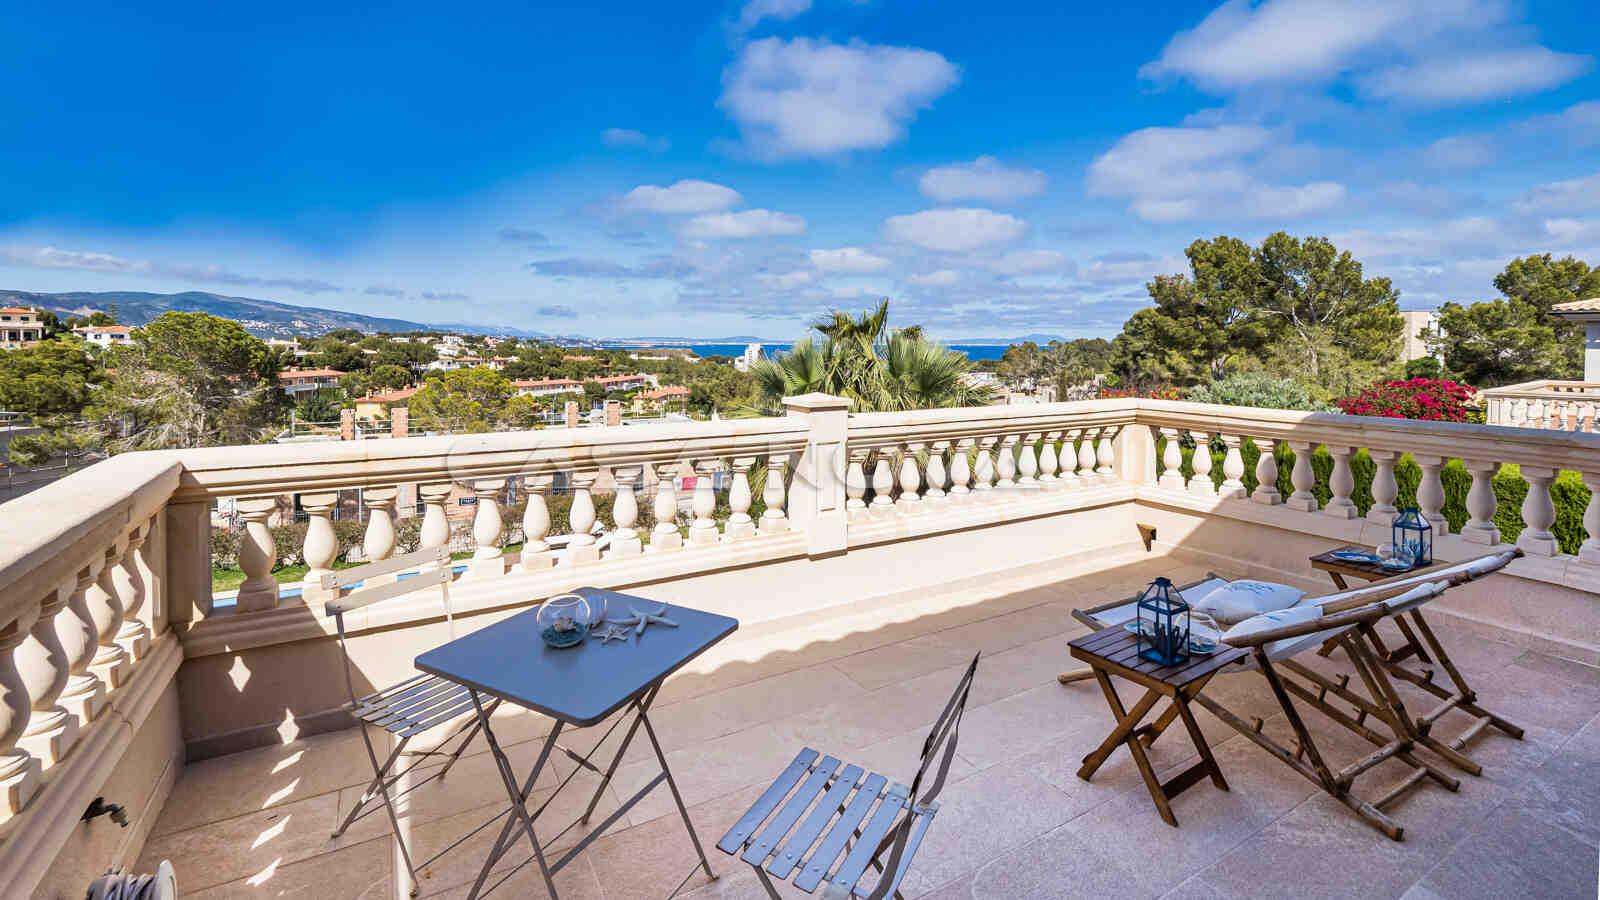 Grosszügige Terrasse mit Panoramablick auf die Umgebung